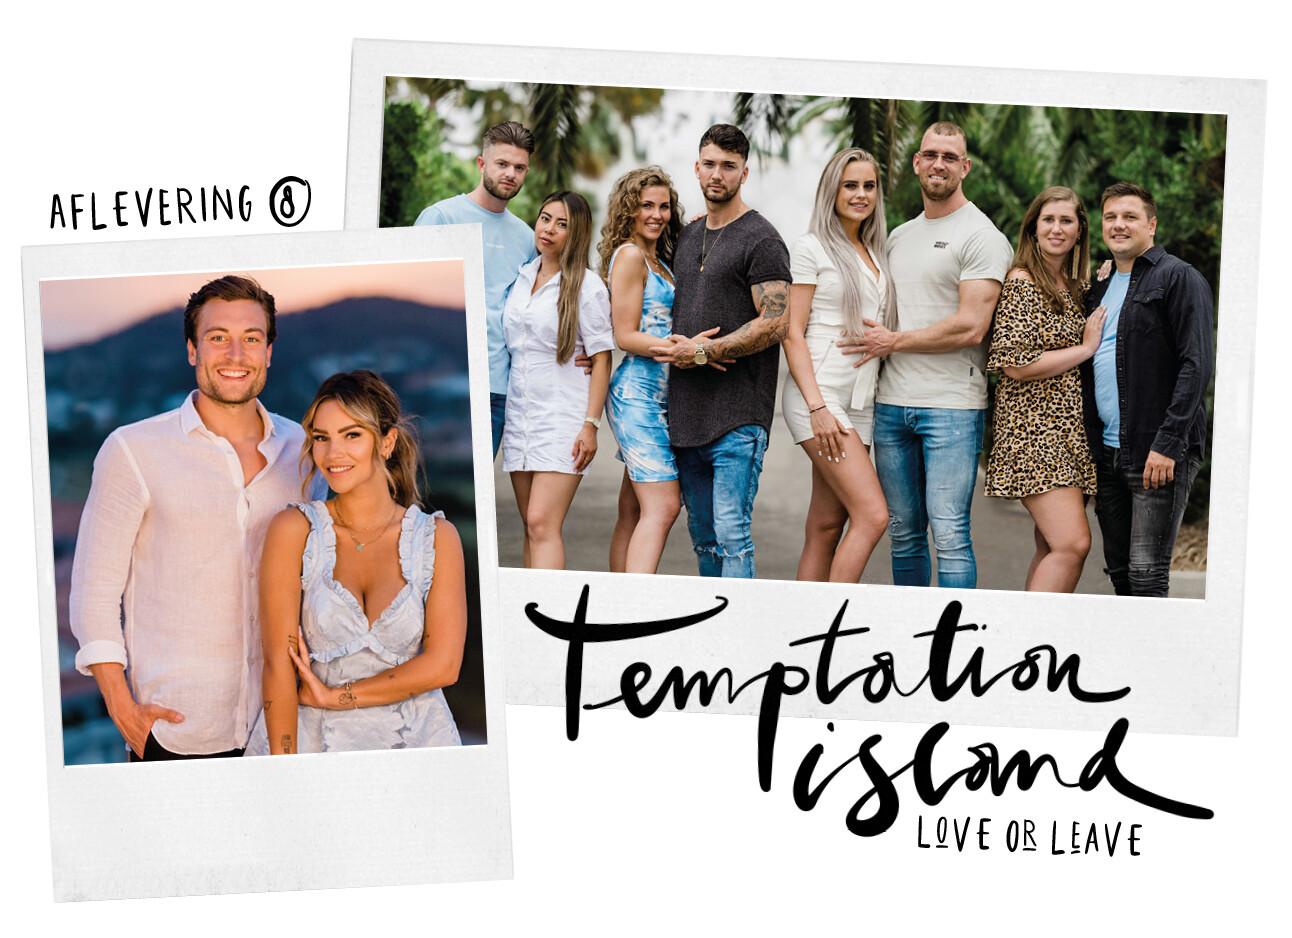 Temptation island aflevering 8